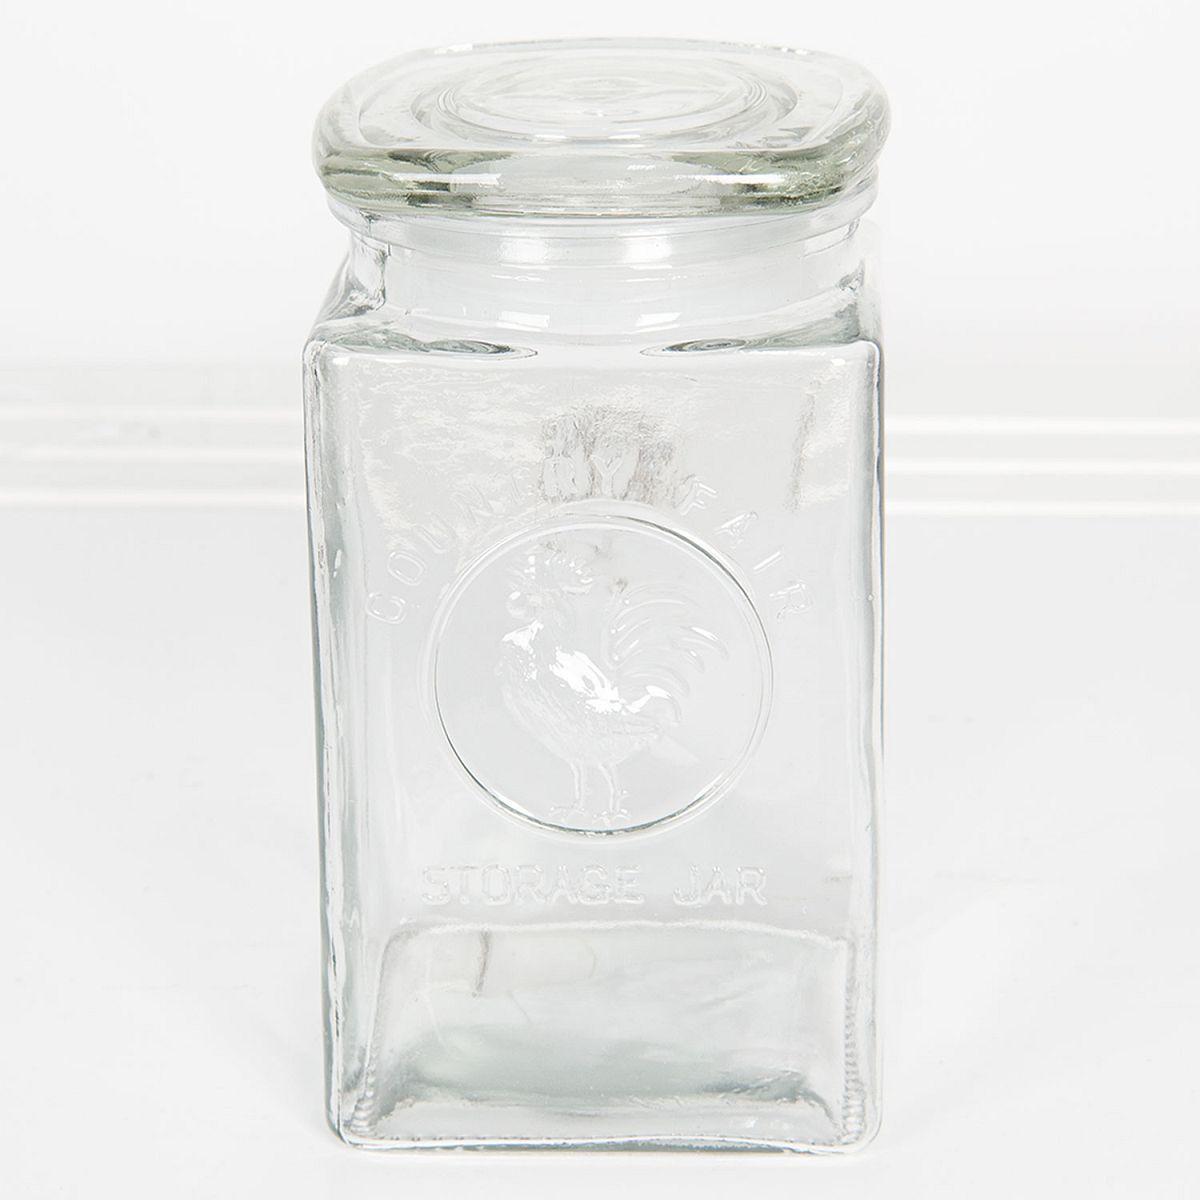 1-Skleněná dóza hranatá 1,25 l